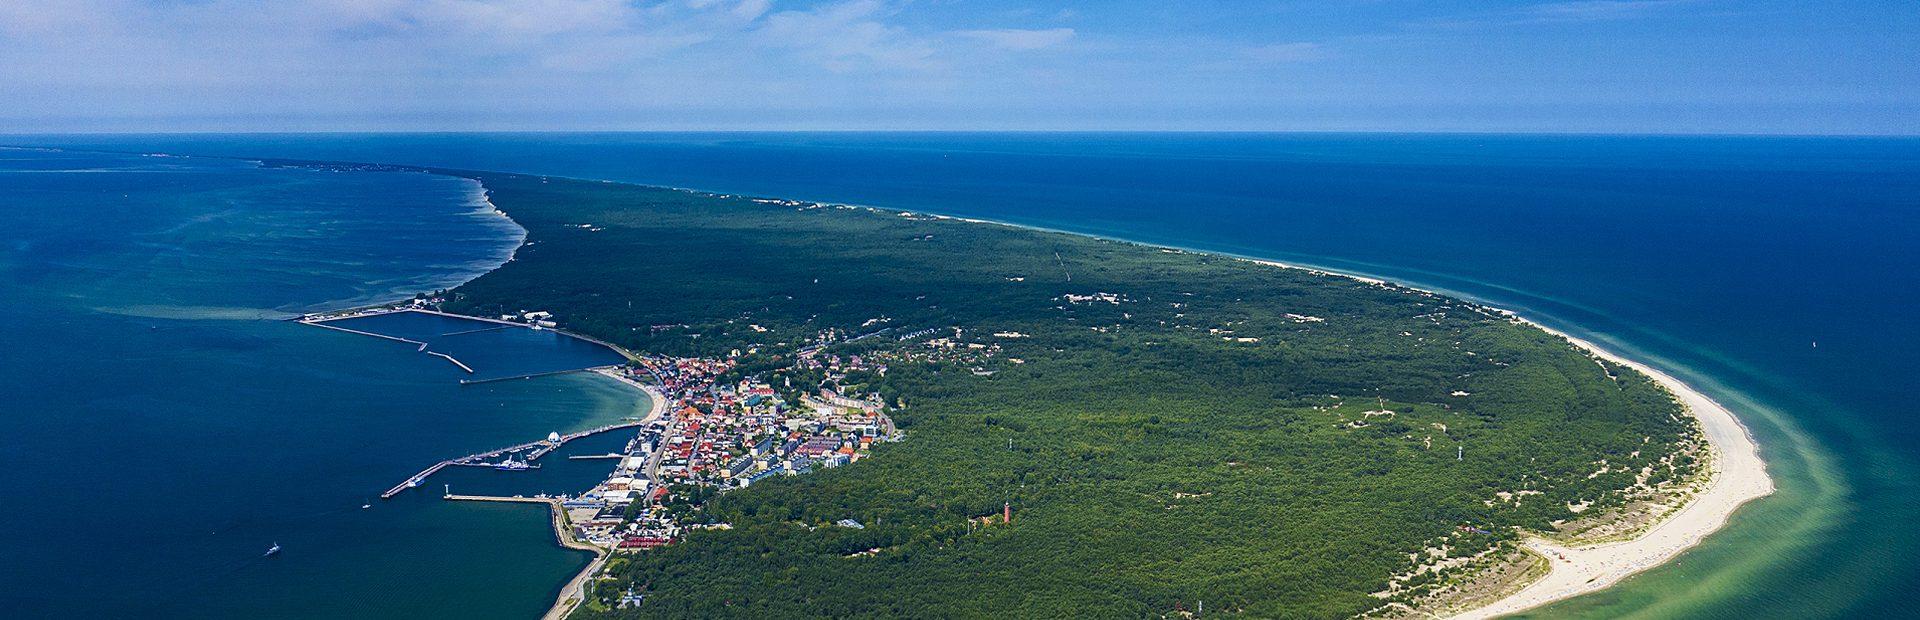 Region: Pomorskie